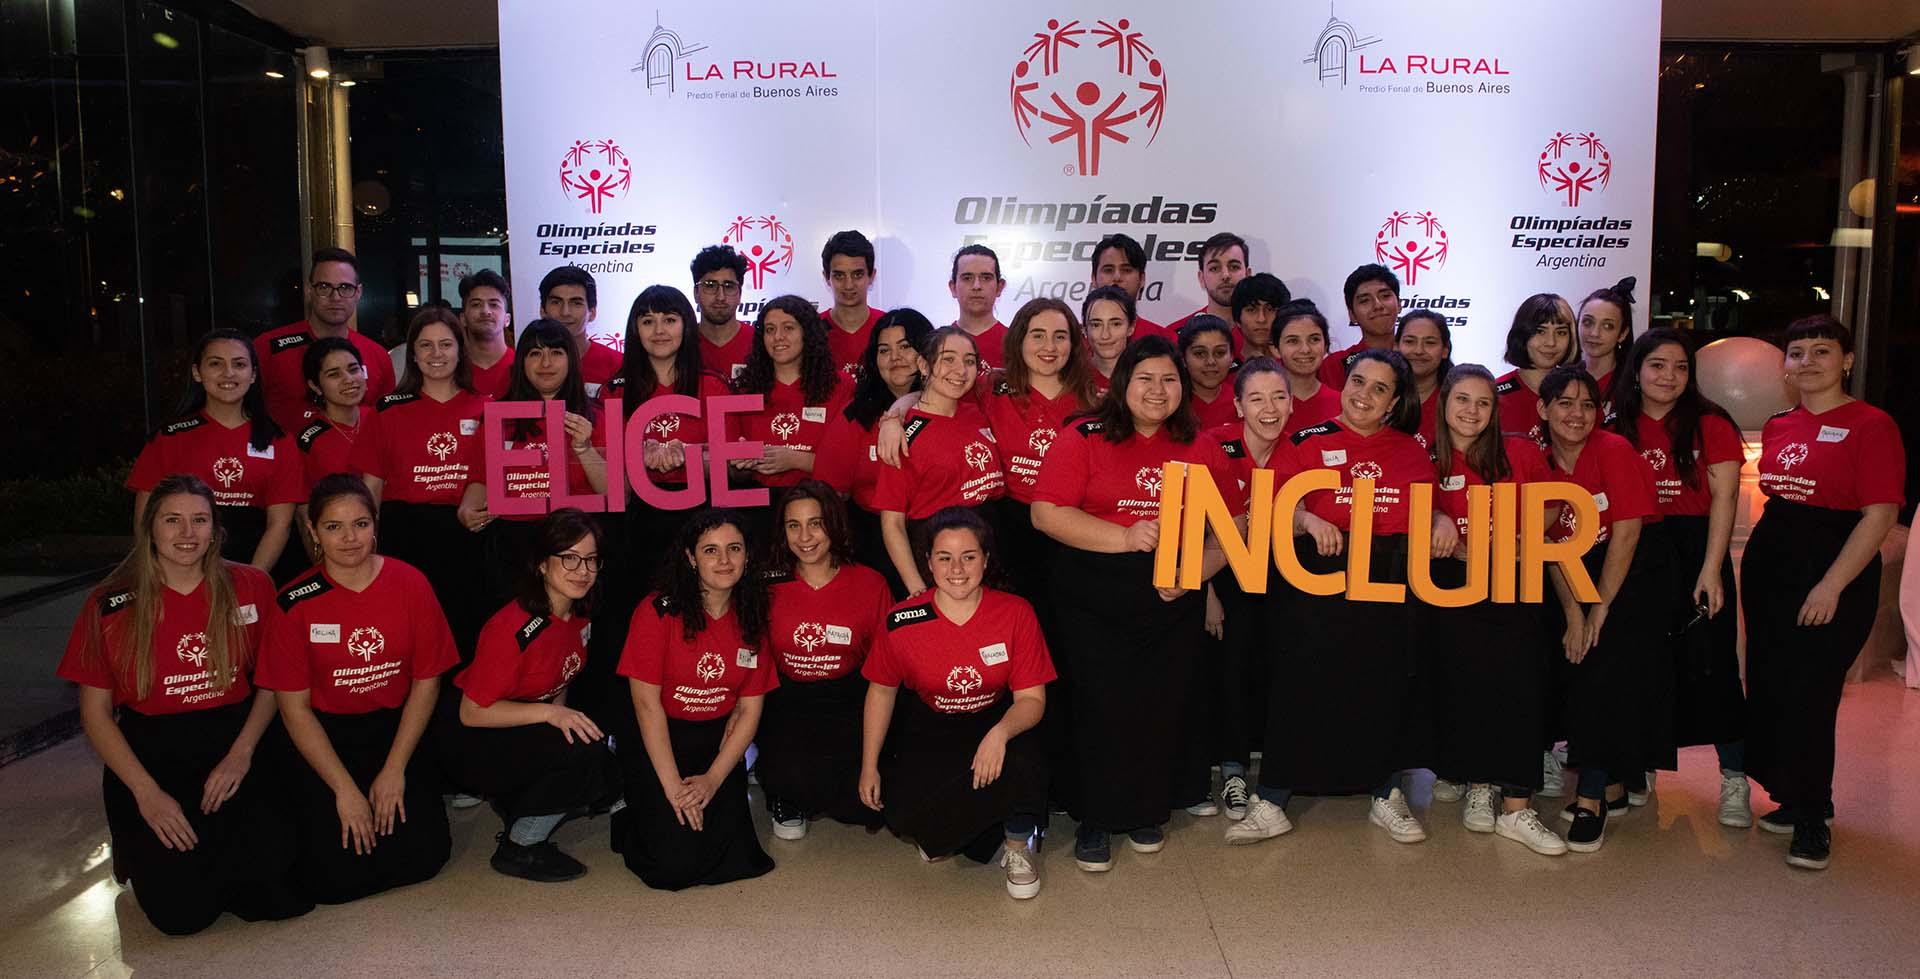 Con el objetivo de recaudar fondos para el fortalecimiento de los Programas Unificados de educación, liderazgo y deporte, para jóvenes con y sin discapacidad, las Olimpíadas Especiales Argentina realizaron su VIII cena anual solidaria